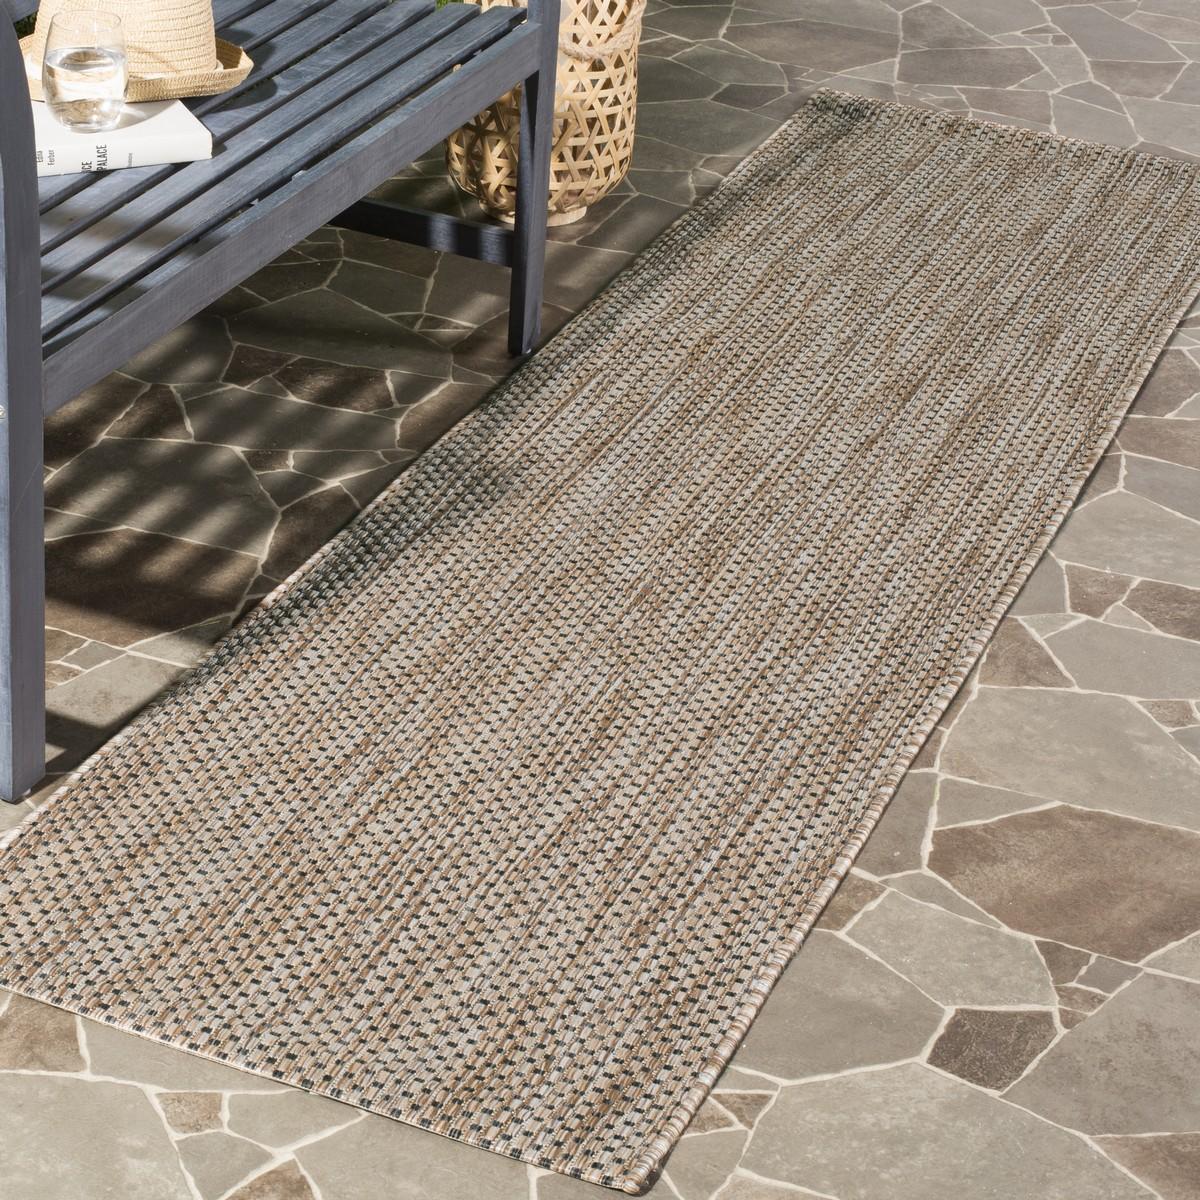 Contemporary Outdoor Area Rugs: Contemporary Indoor Outdoor Area Rugs